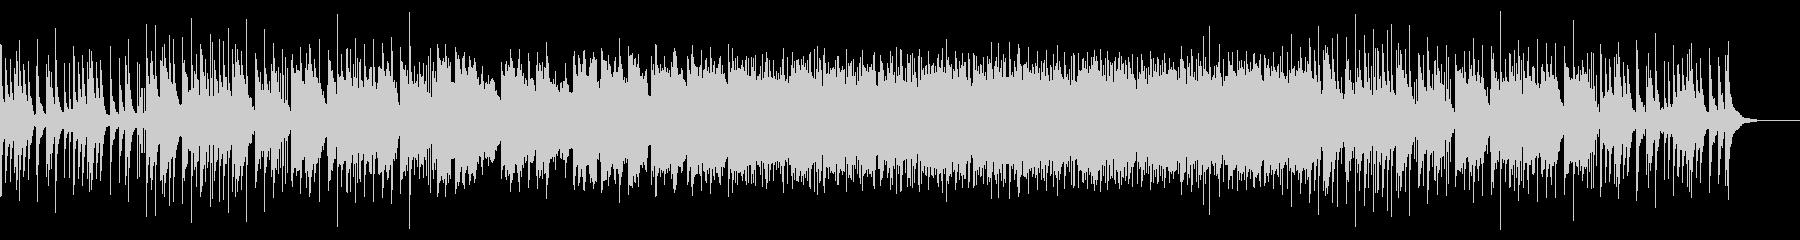 ファンタジーな森のBGM‐ループ無verの未再生の波形